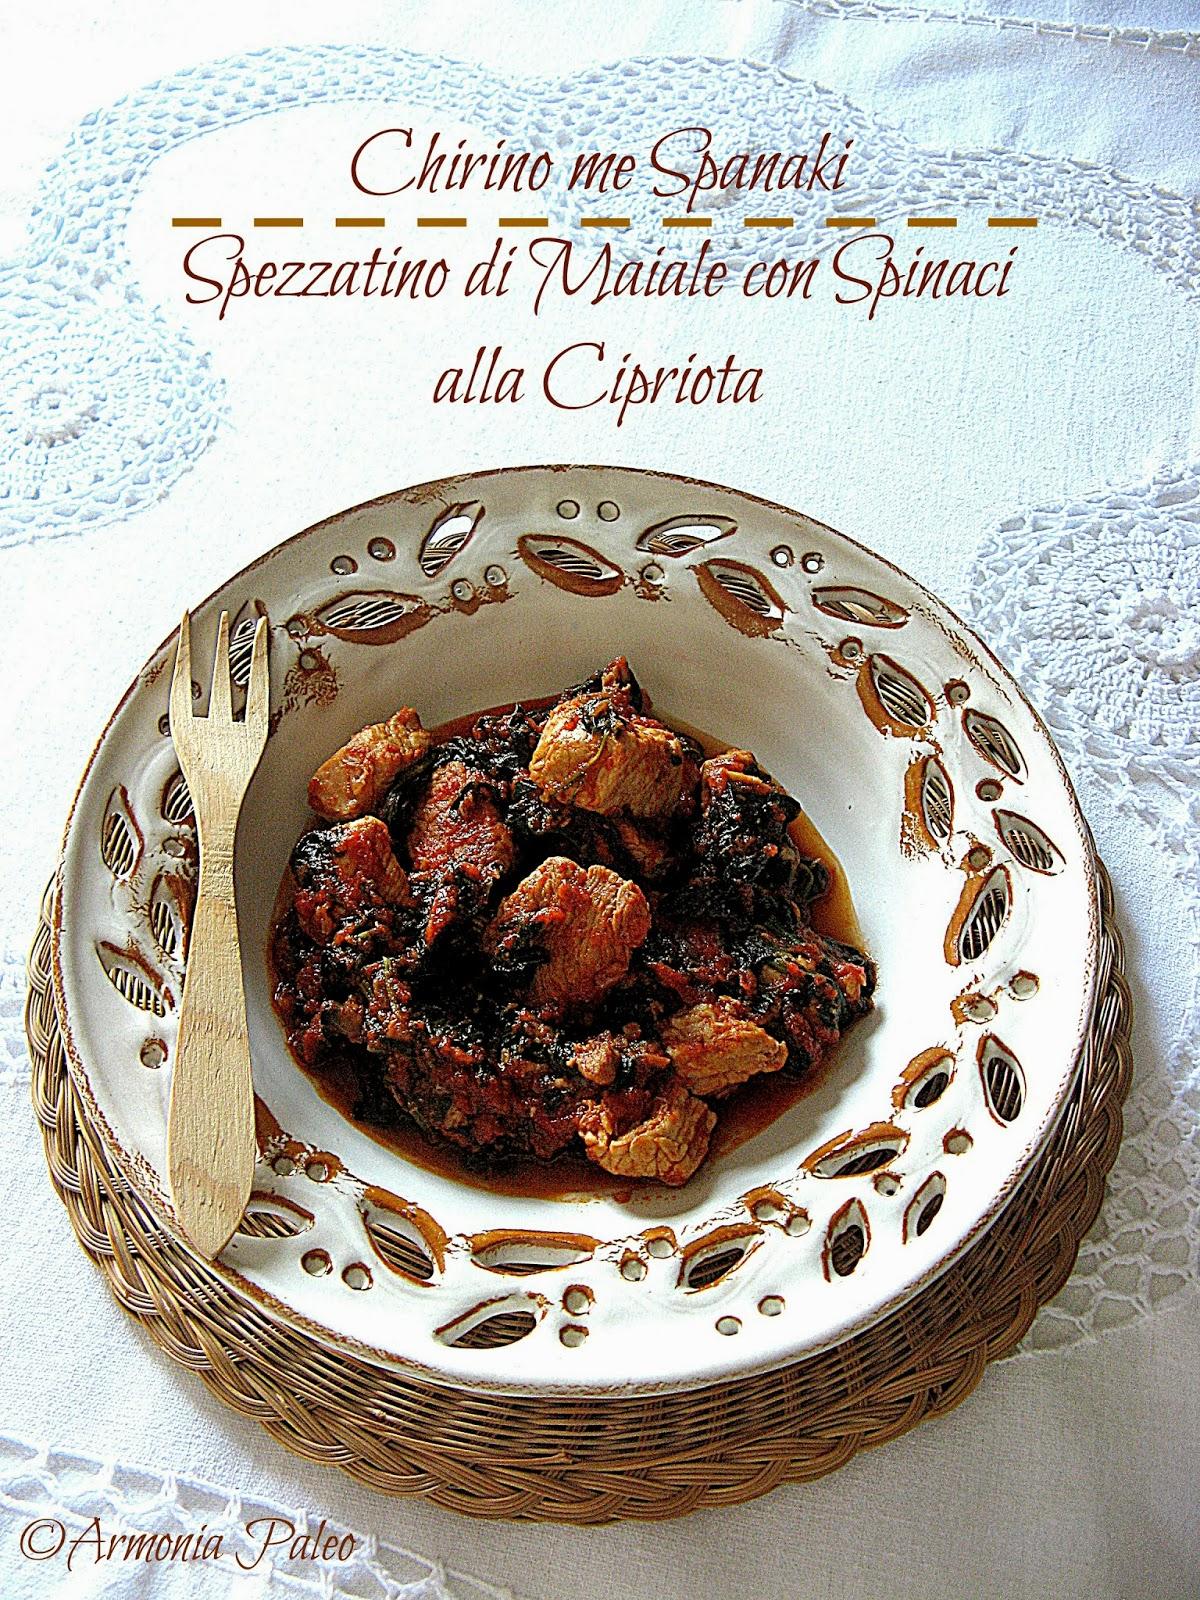 Chirino me Spanaki-Spezzatino di Maiale con Spinaci alla Cipriota di Armonia Paleo